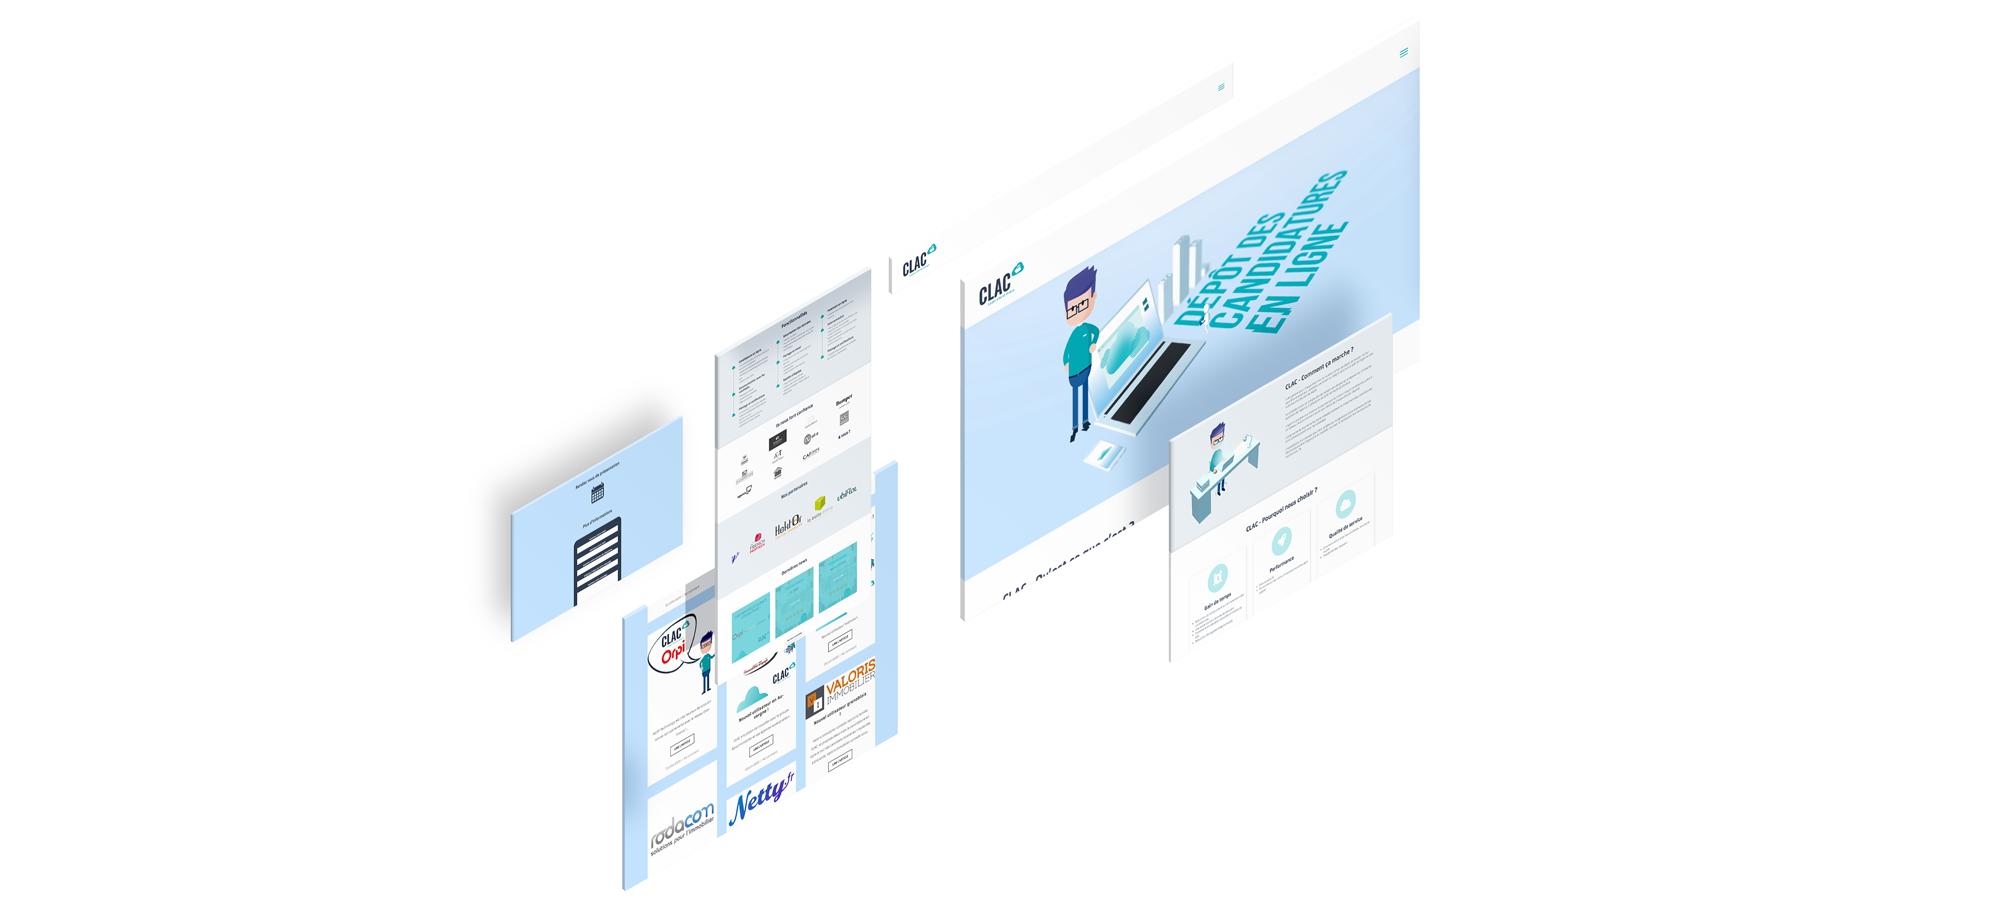 Clac Un site développé par BobandCo